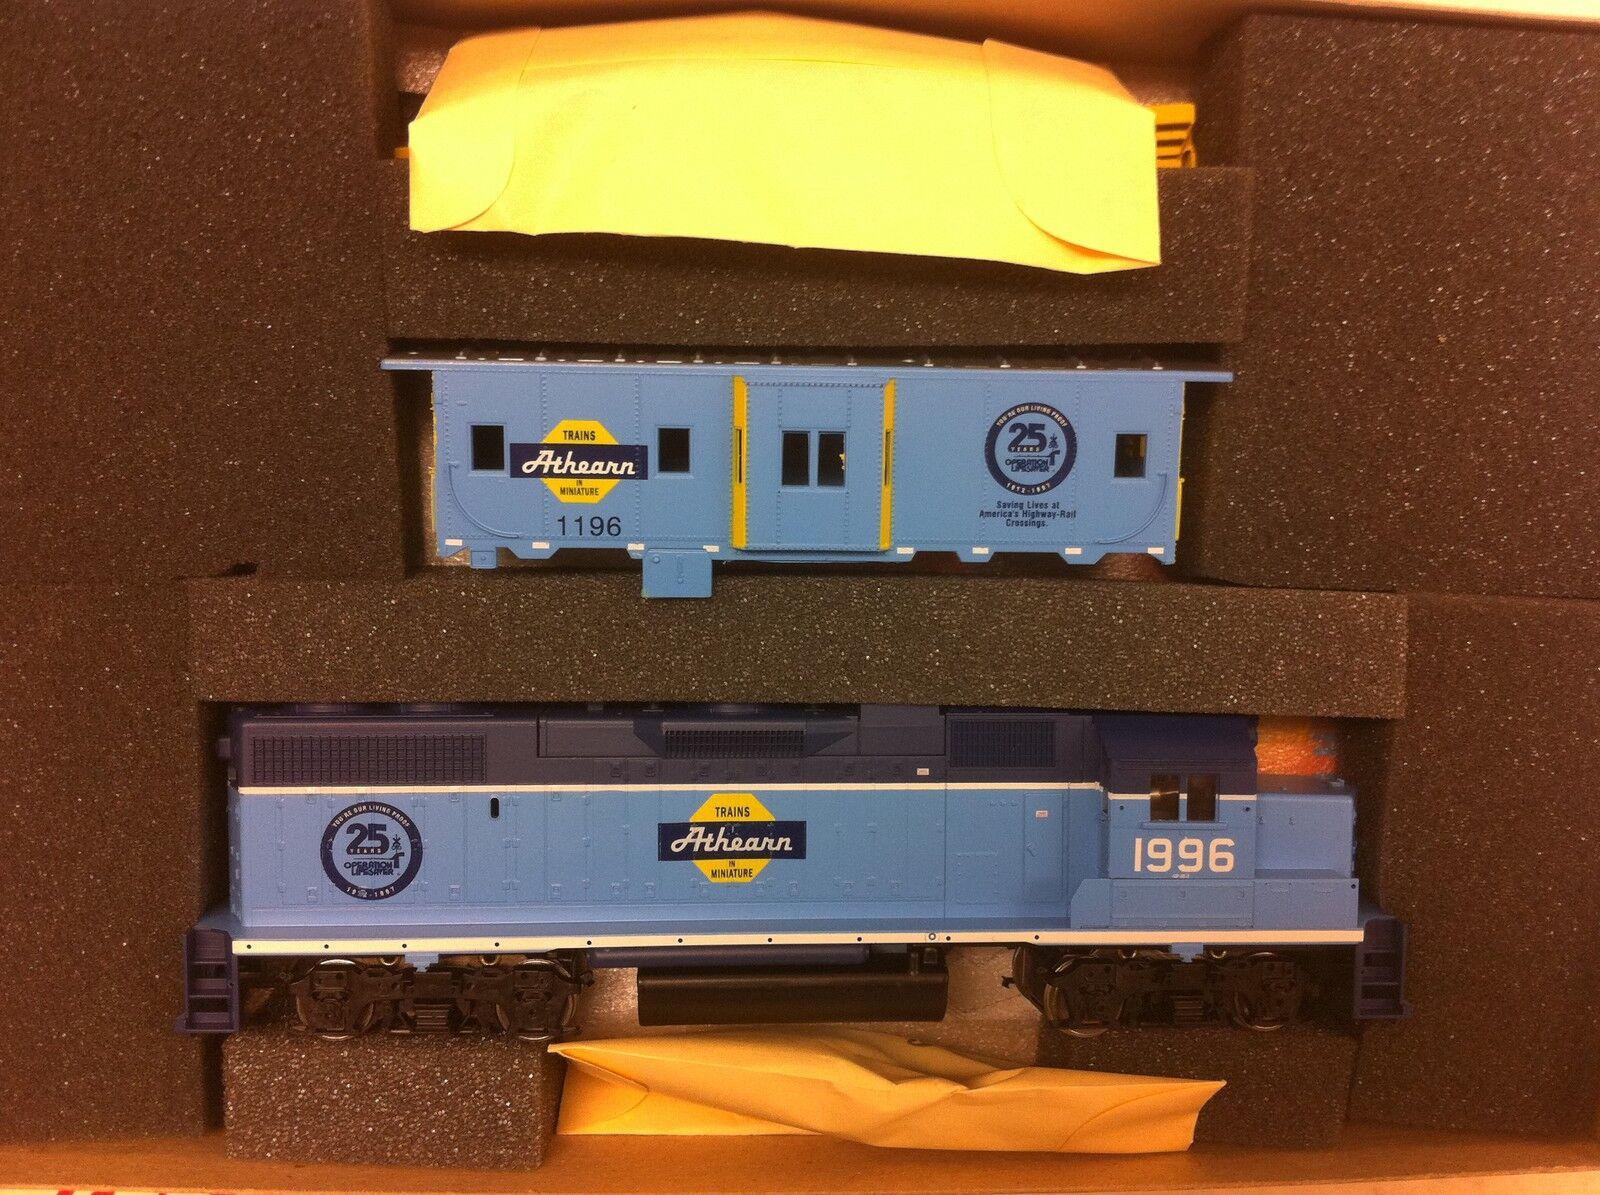 Athearn specialee edizione 2212 GP382 energiaosso Caboose HO Train auto NIB 1996 RARE